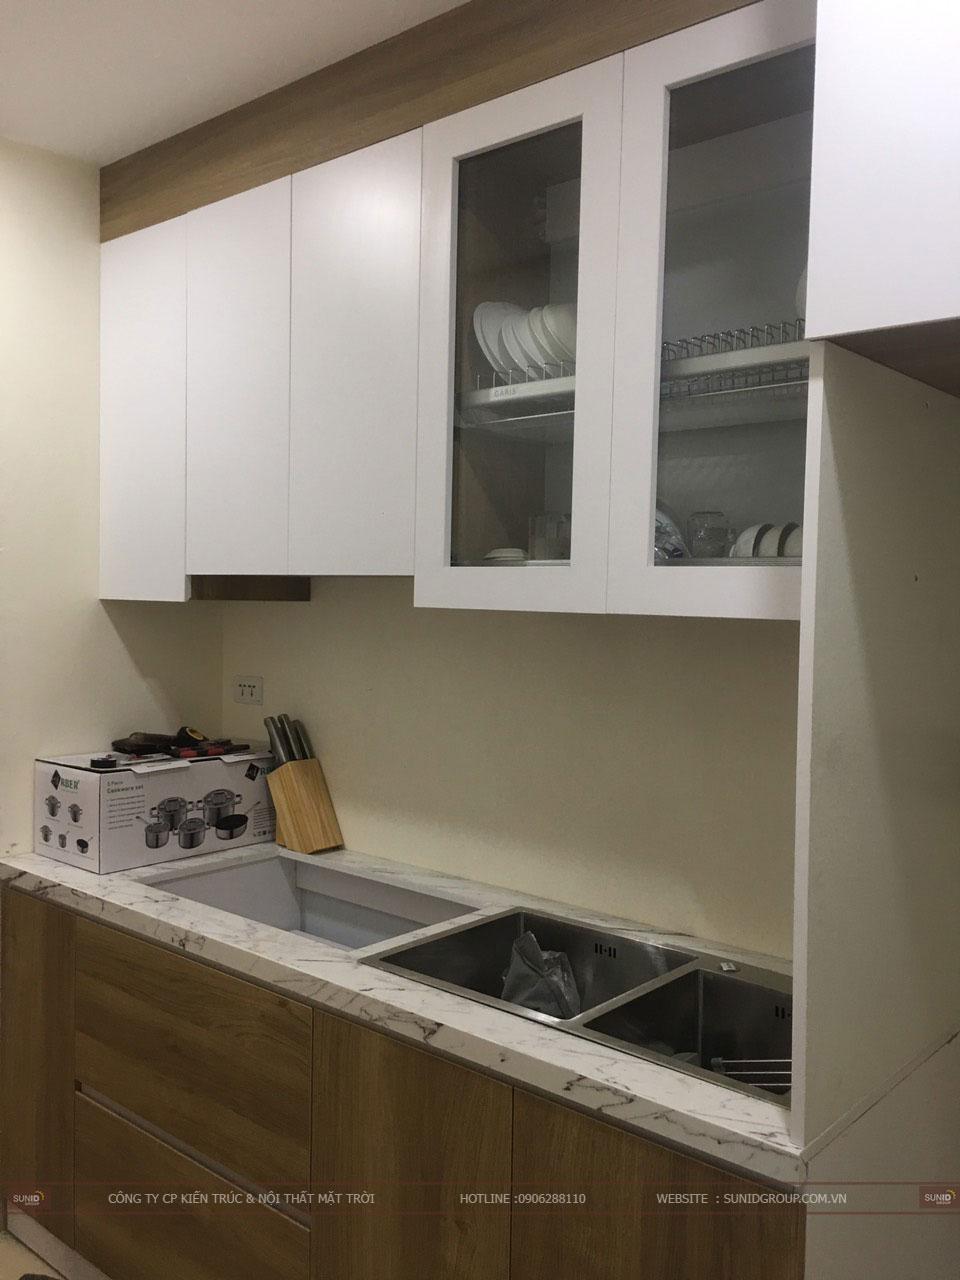 Tủ bếp và bồn sửa sau khi lắp đặt xong